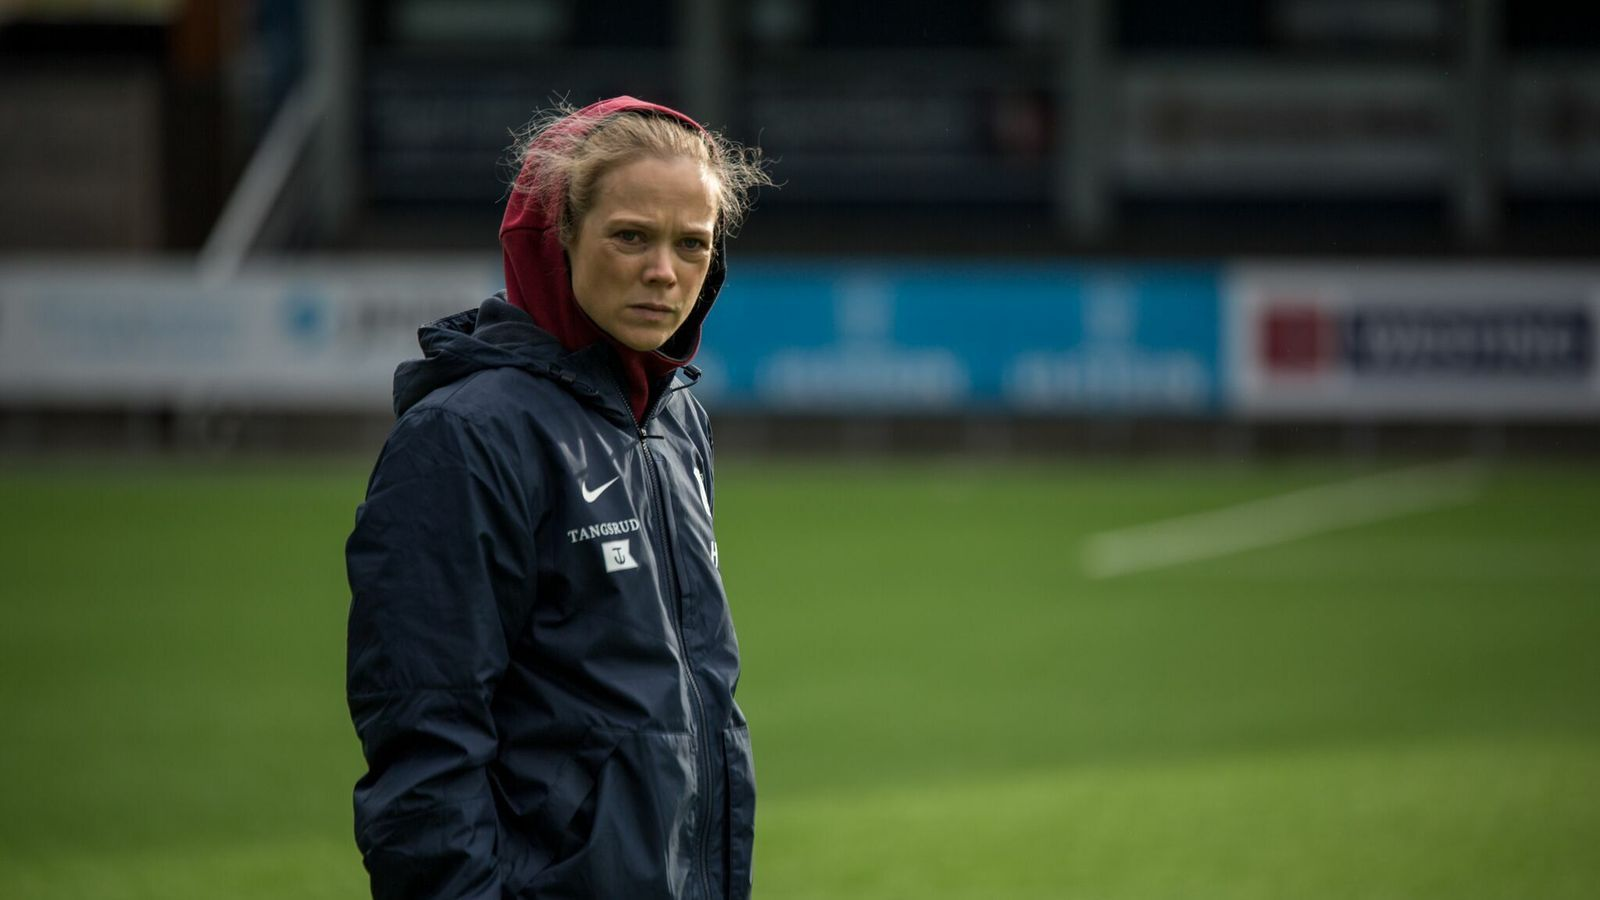 La protagonista de Home Ground, sèrie noruega sobre una dona entrenadora.